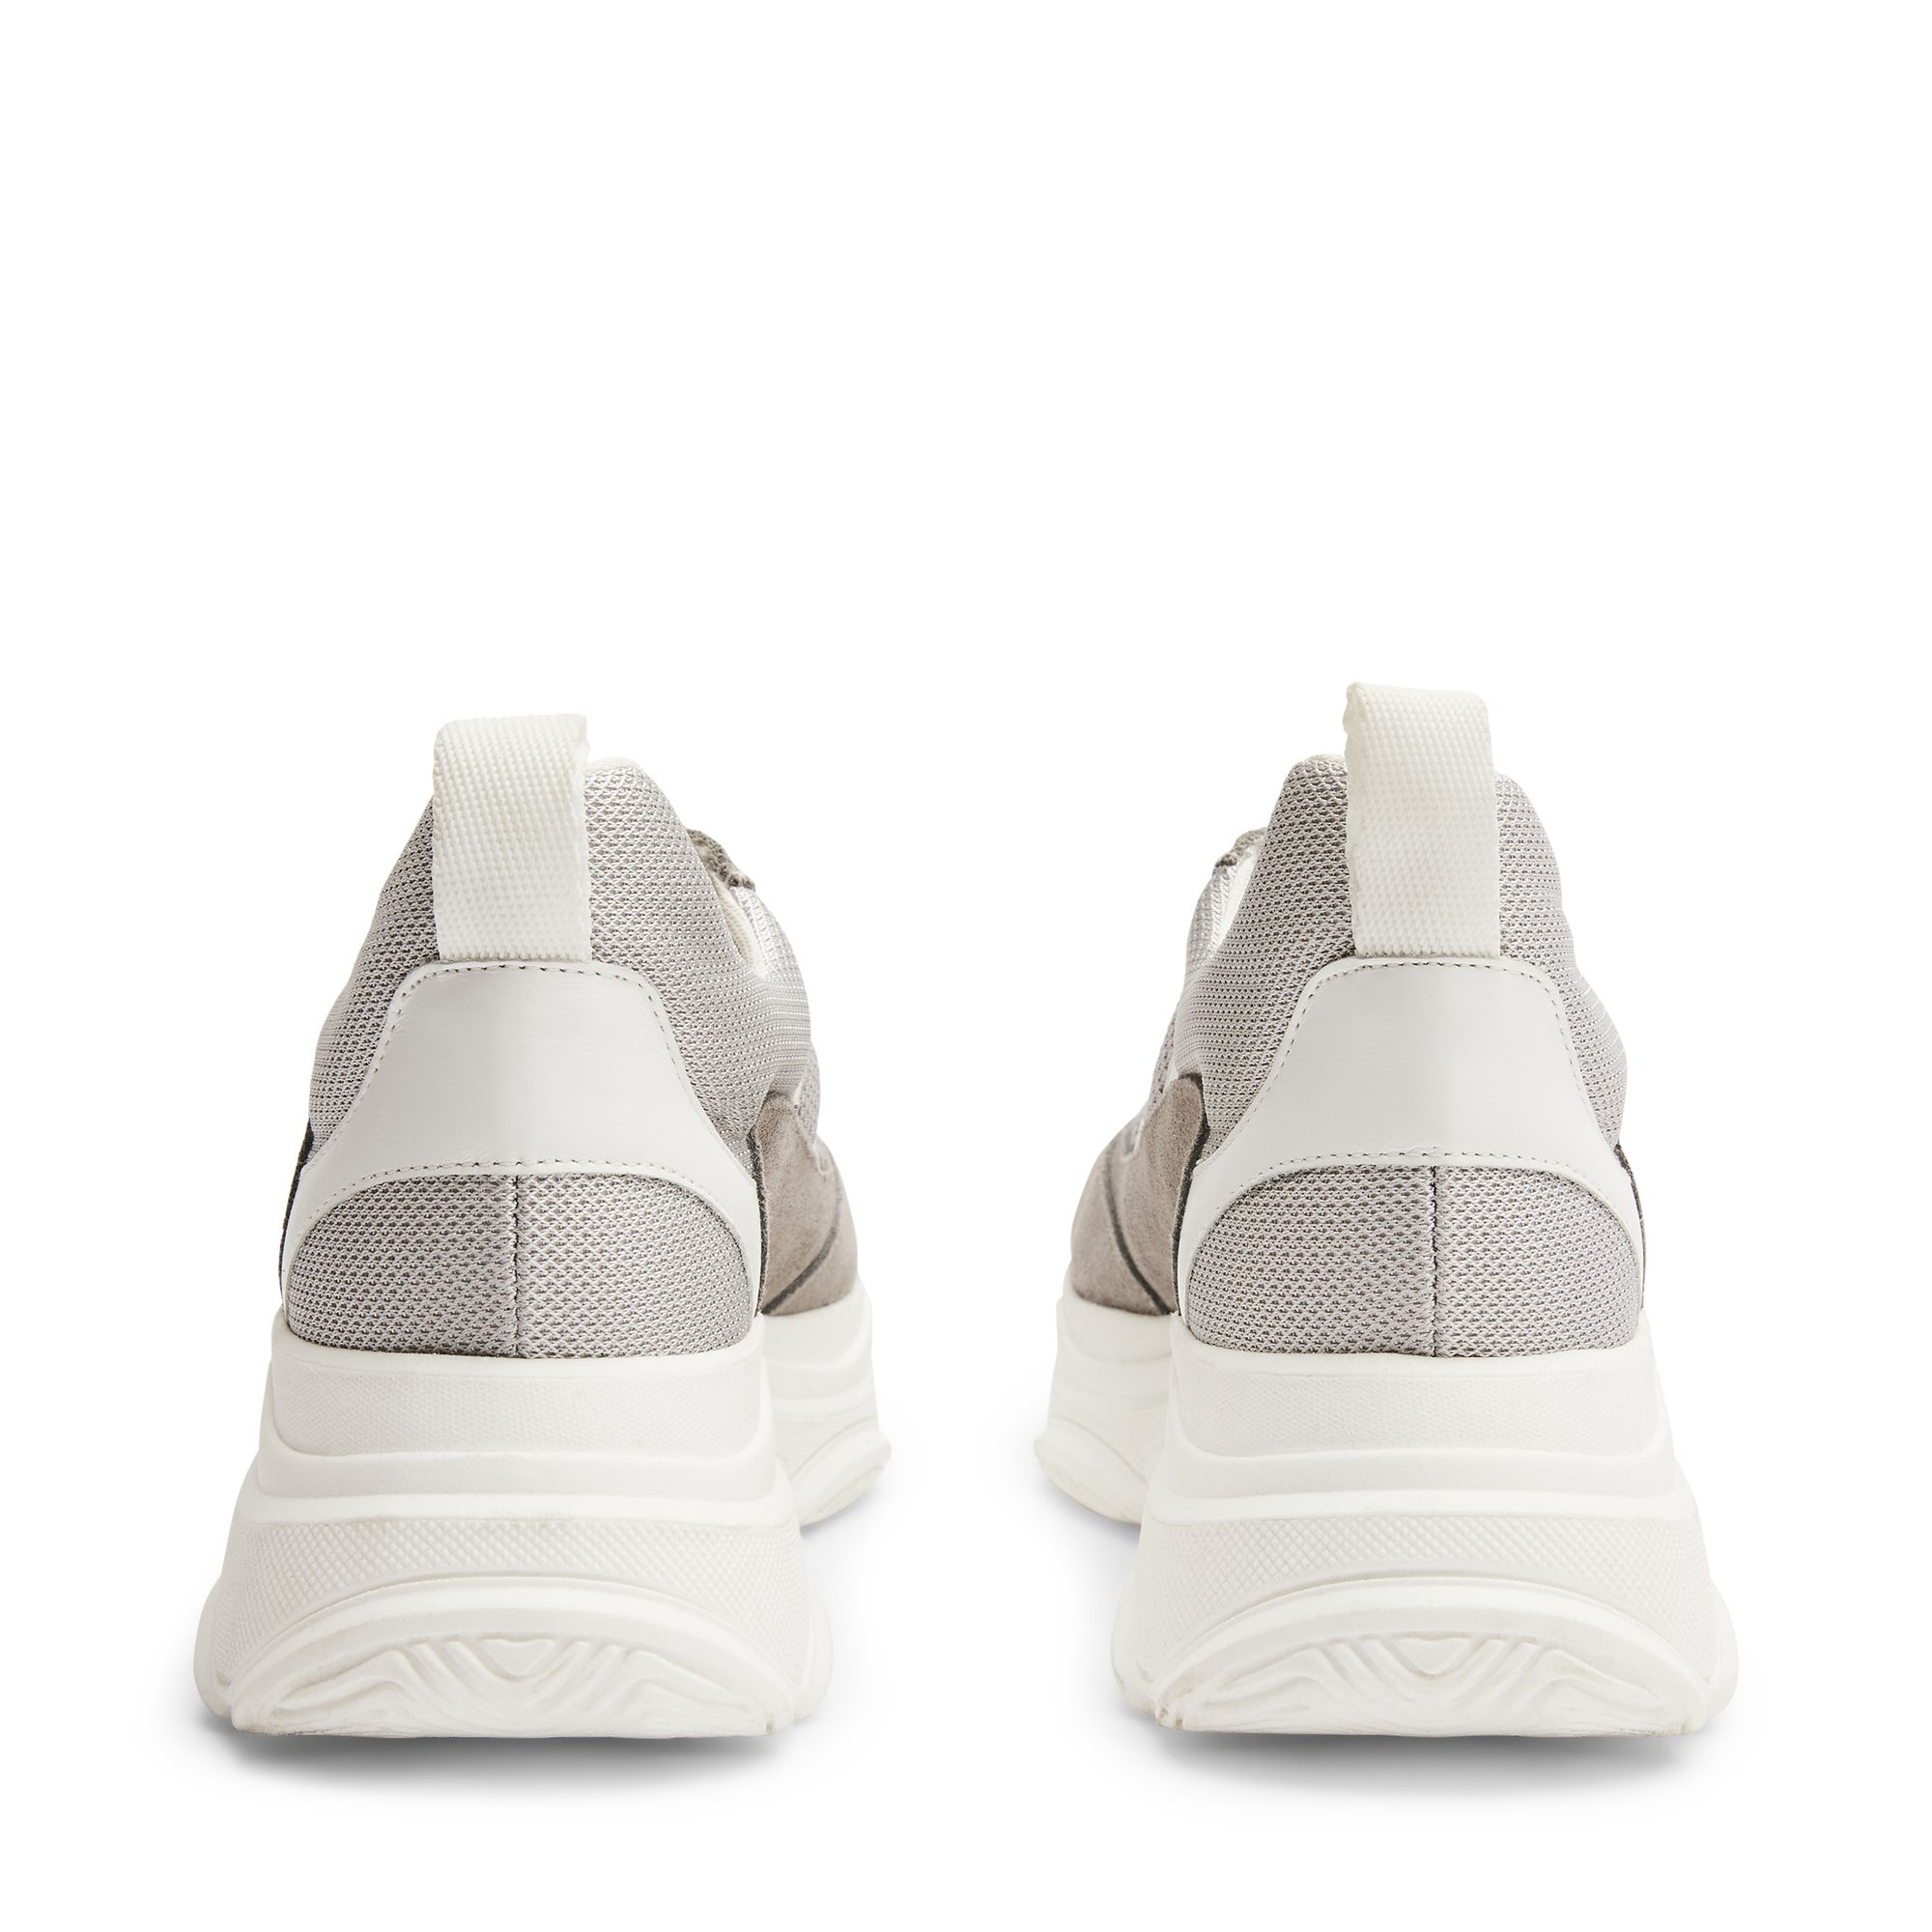 85c87a0632e Rizzo Rizzo Aida chunky sneakers i mocka | Rizzo